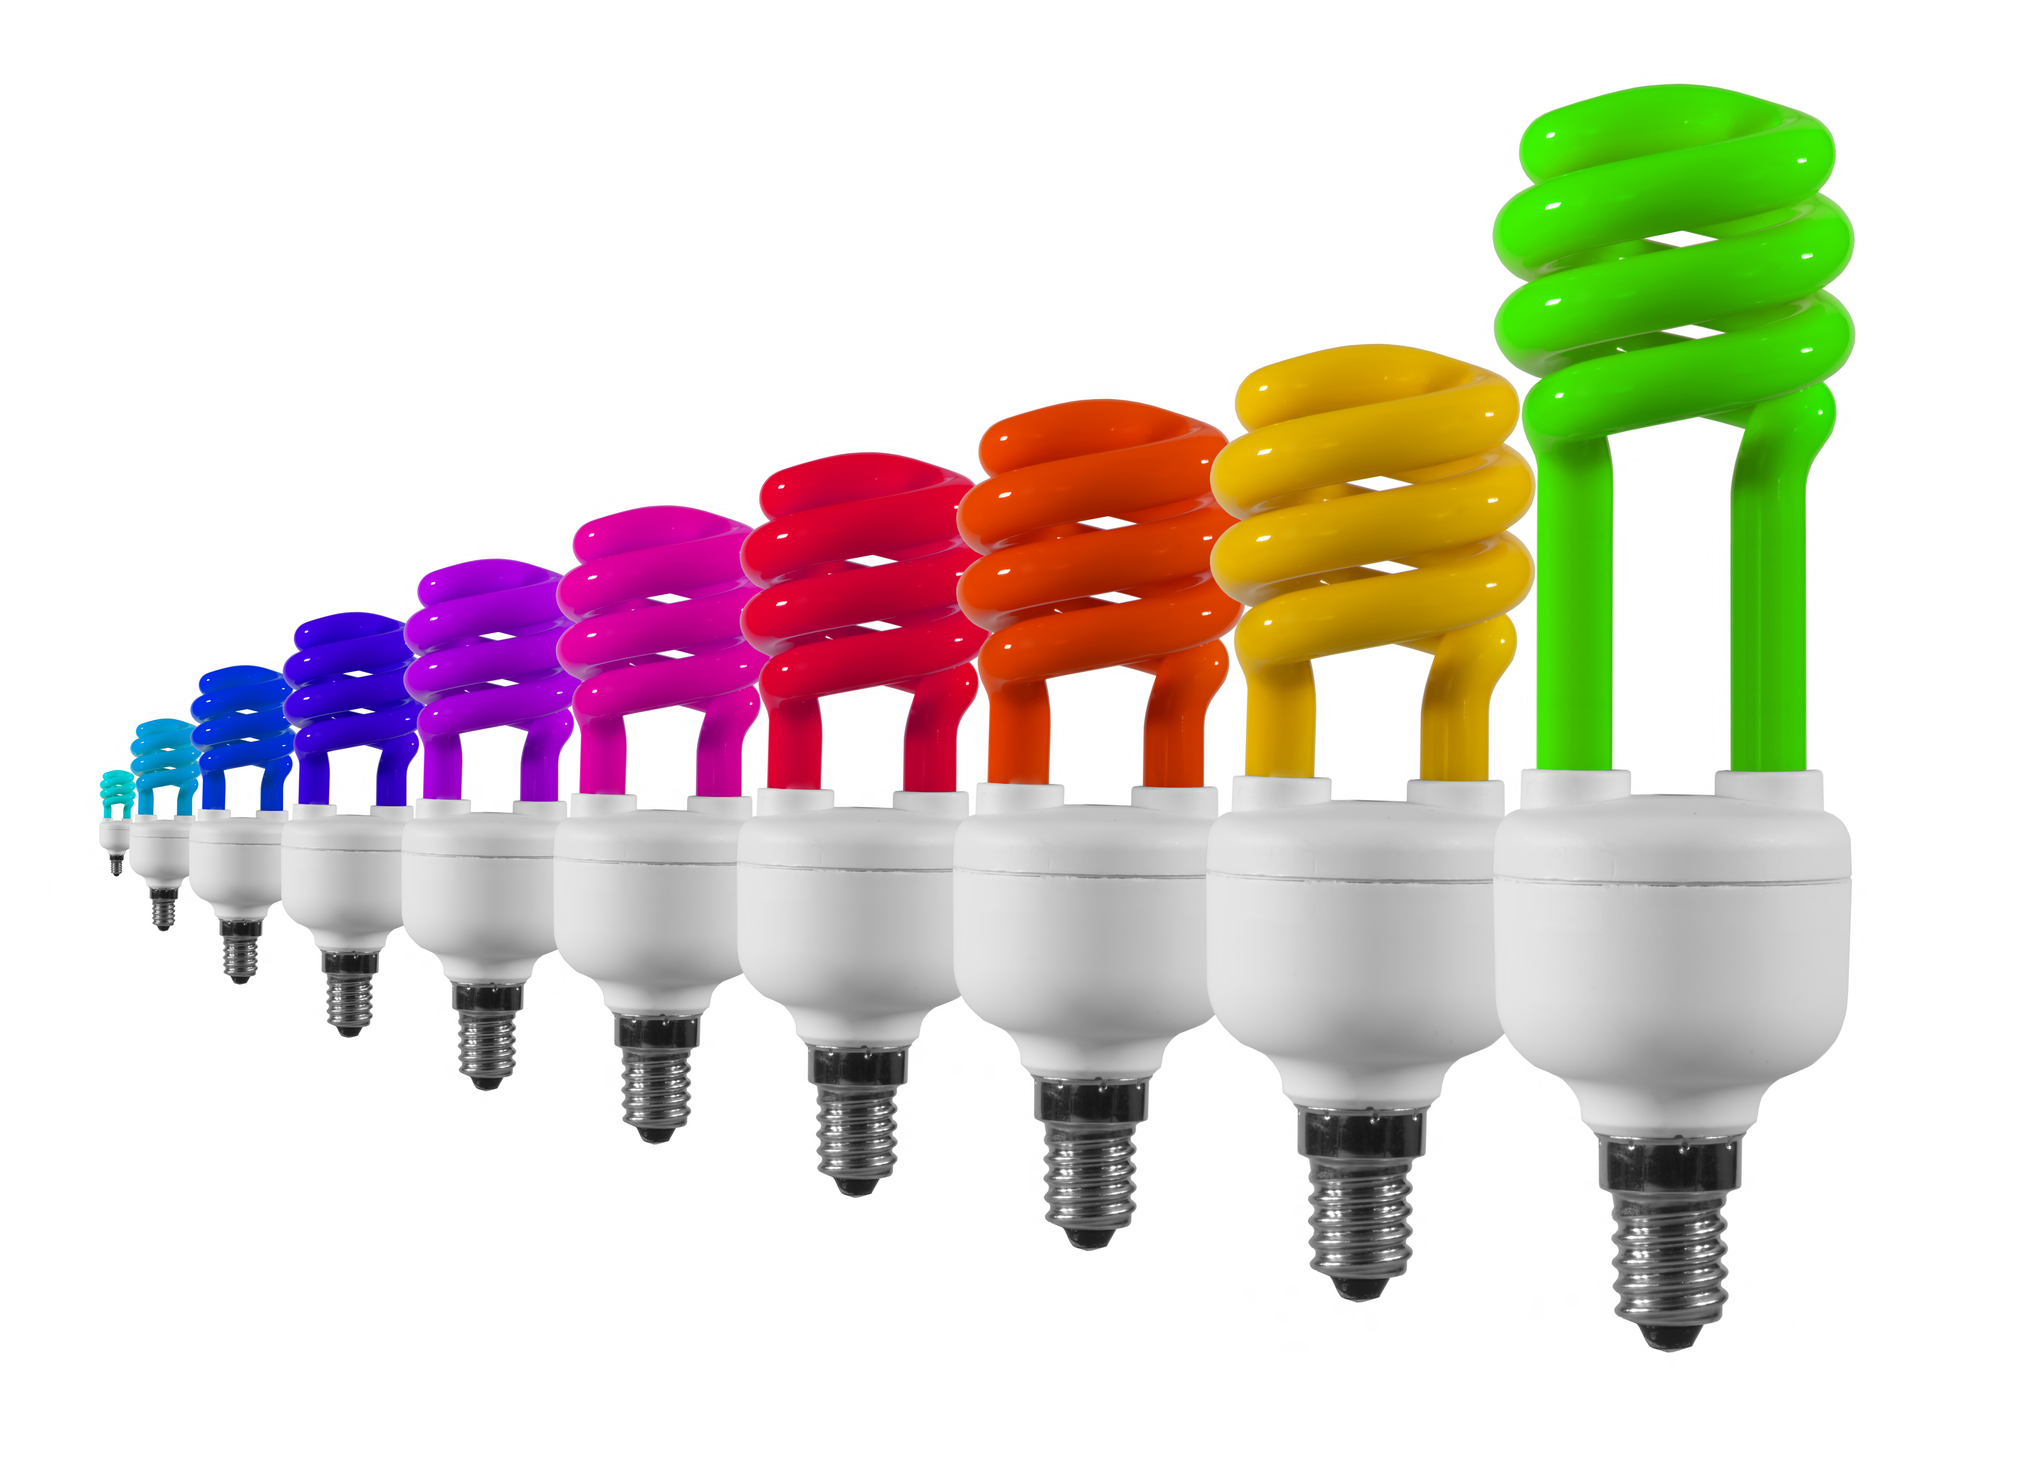 Multicolour light bulbs